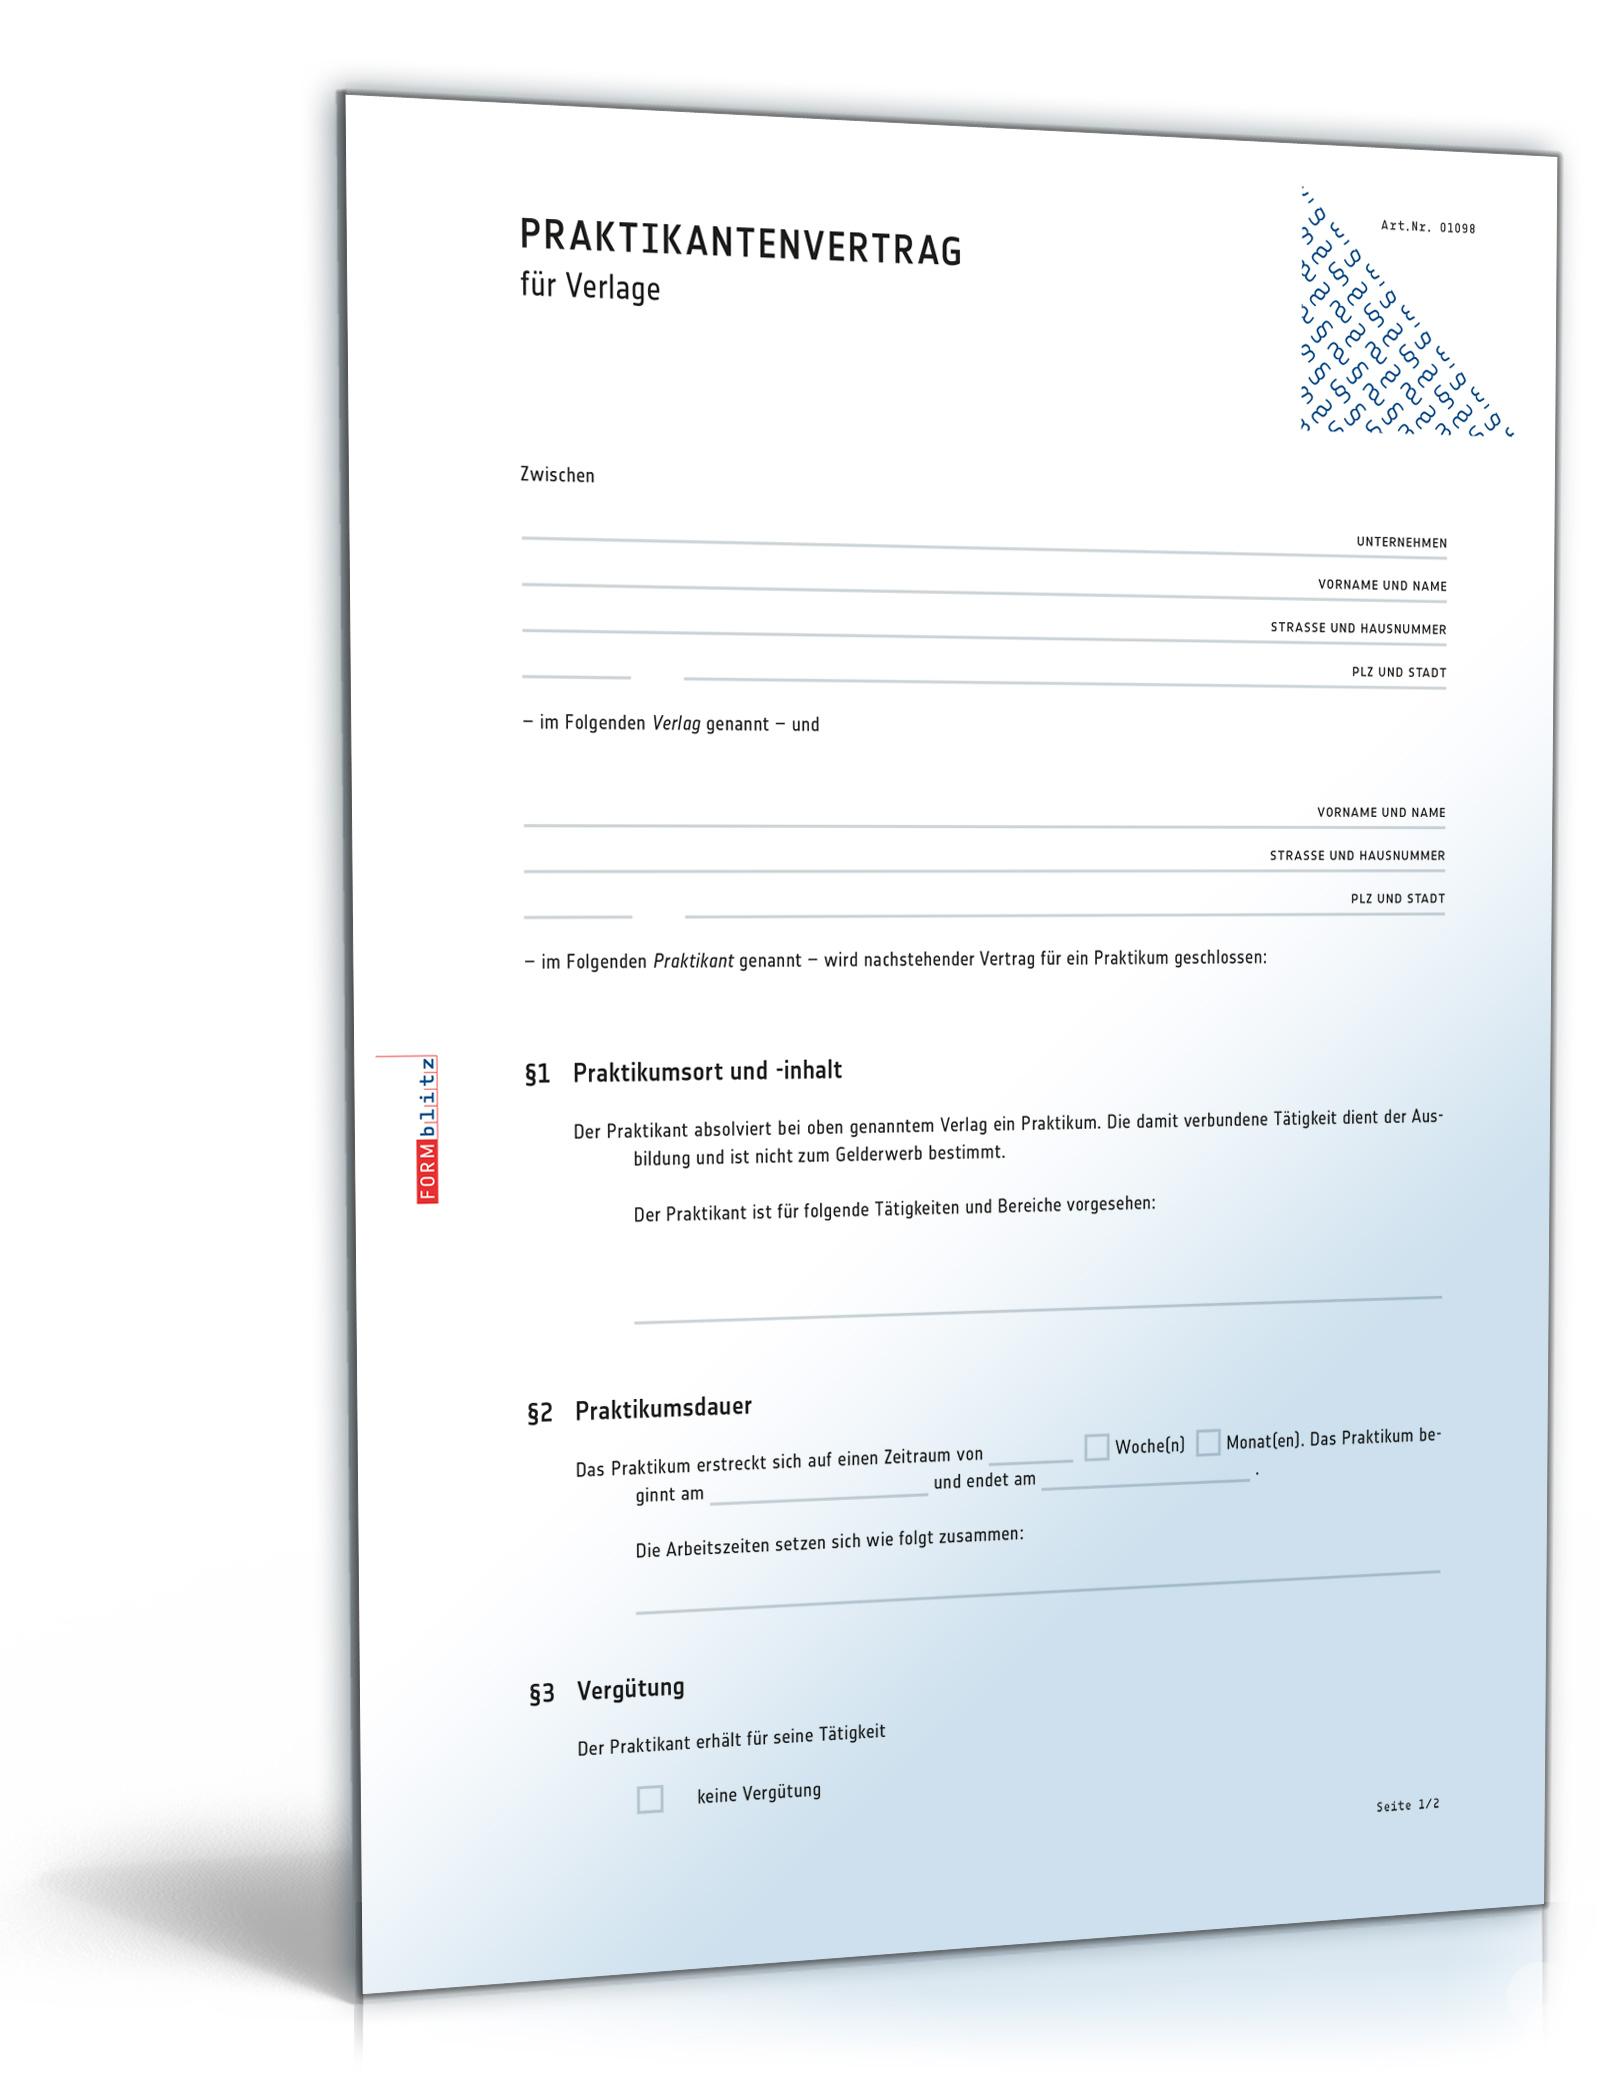 Praktikantenvertrag für Verlage